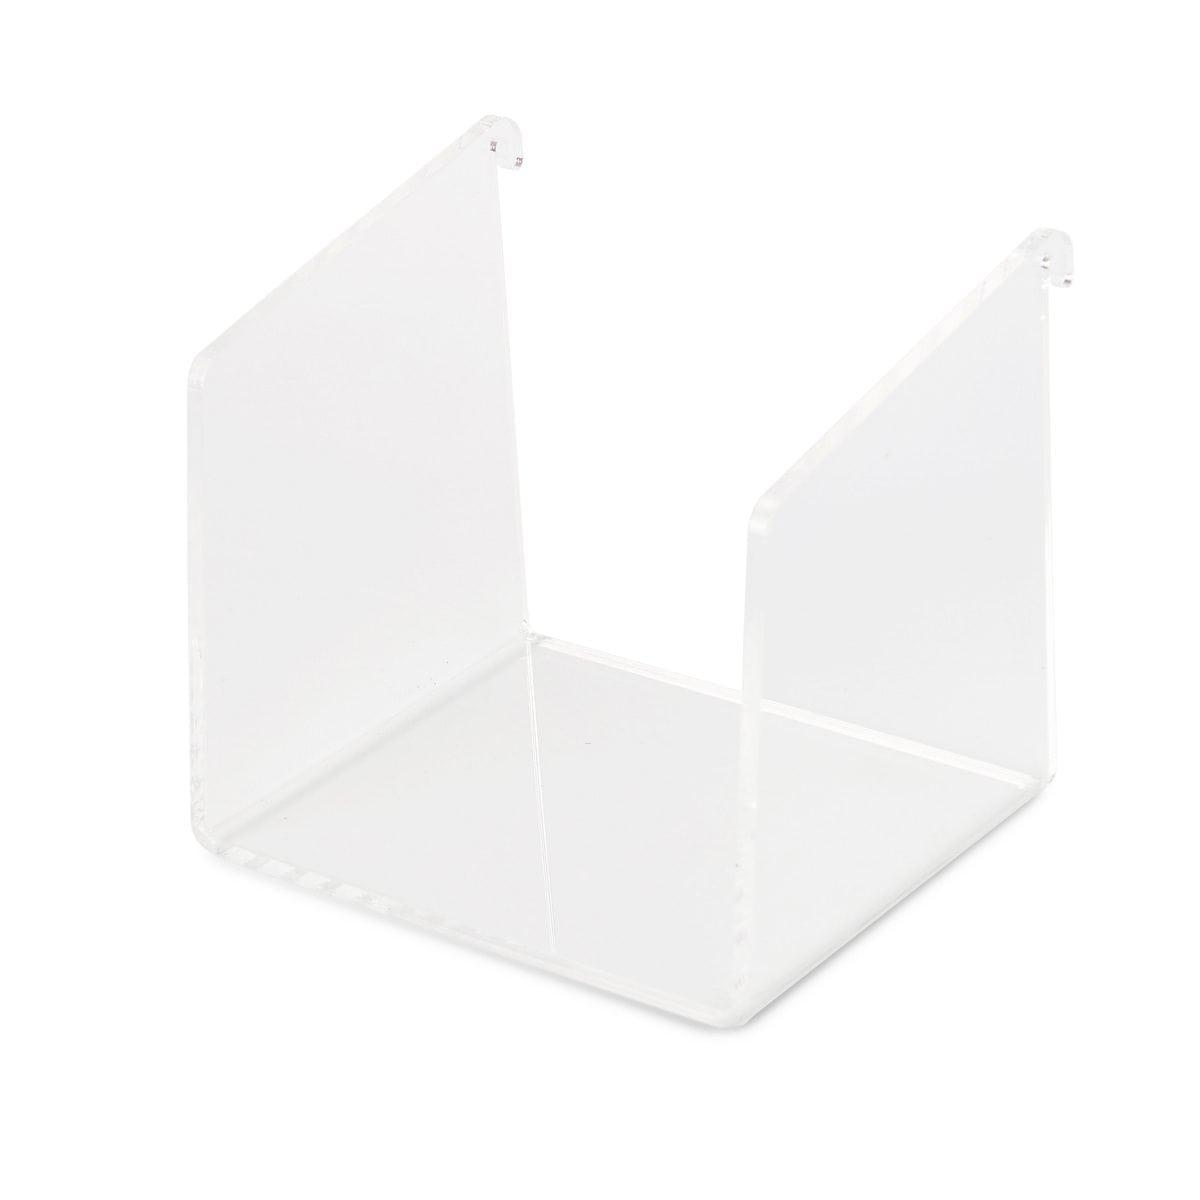 Het Fency Plexi Plankje Enkel van Tolhuijs Design is een bijpassend element van het duurzame FENCY wandrek bij Studio Perspective.